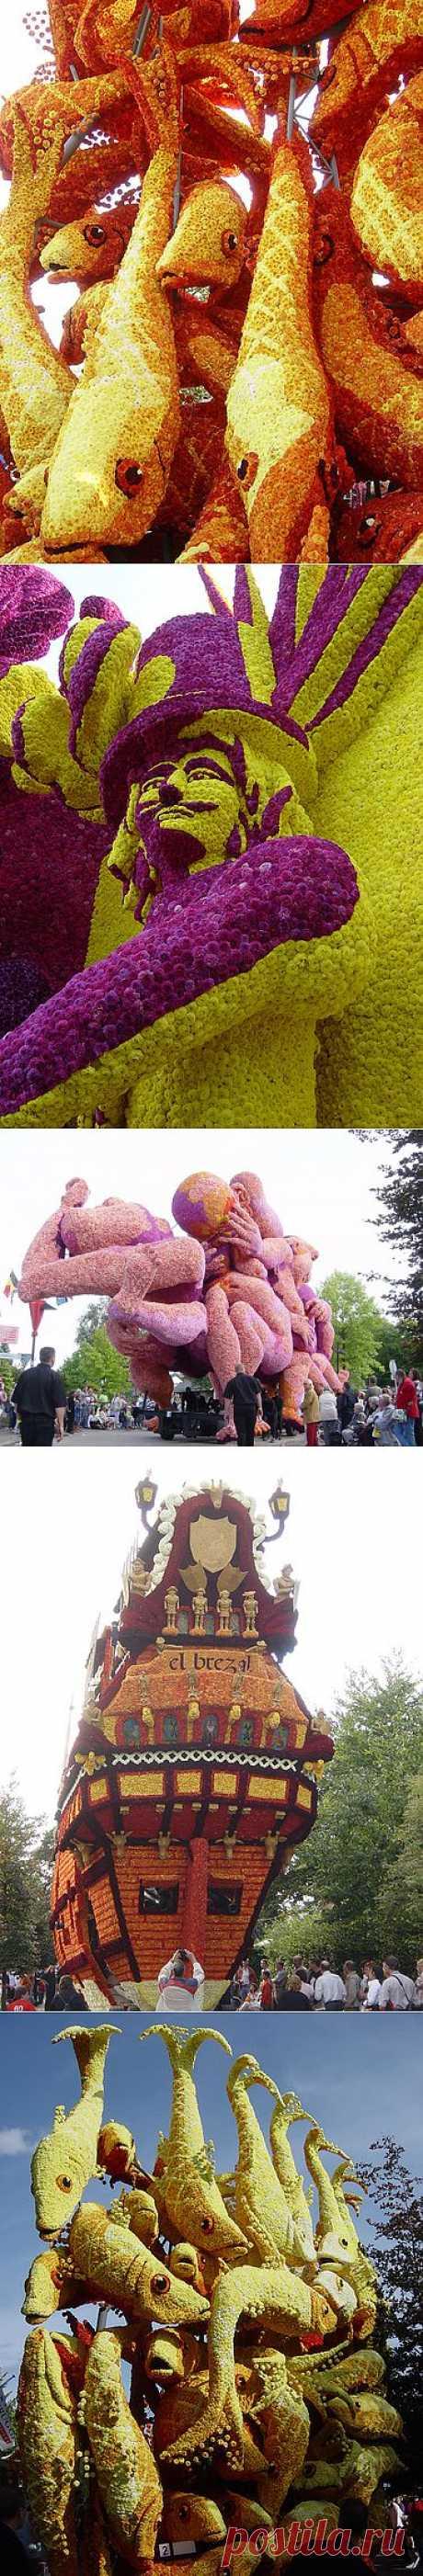 Парад цветов в Аалсмеере (Голландия) - 7 сентября.